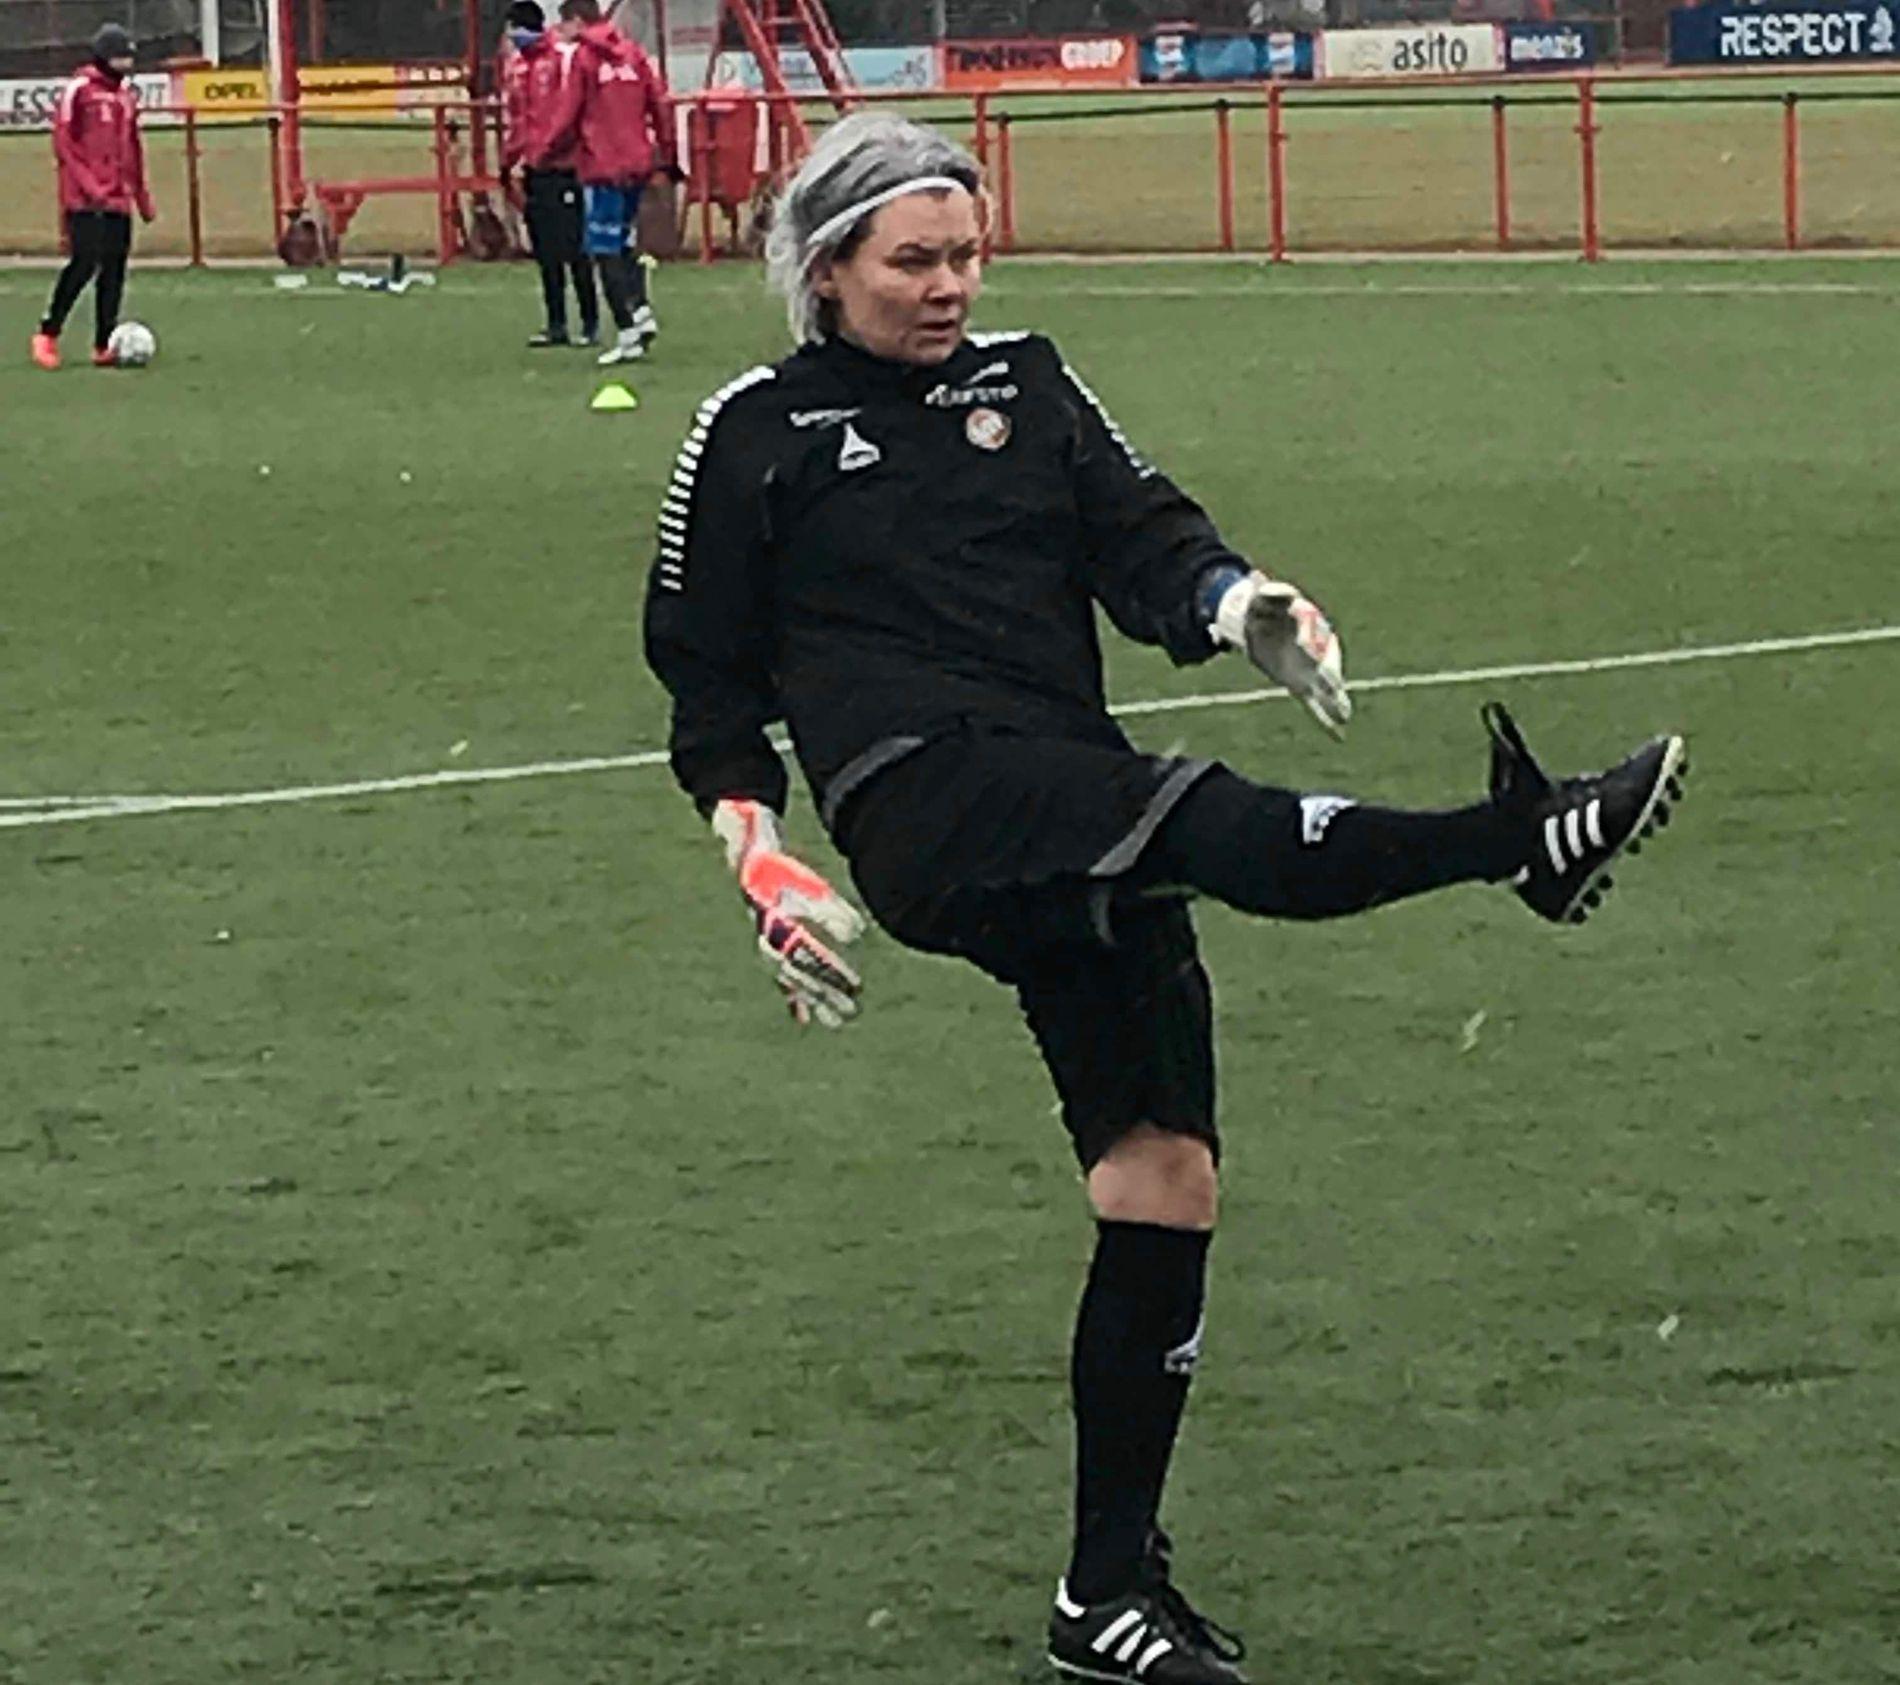 ÉN AV GUTTA: Merete Johansen, her i aksjon under oppvarmingen før en kamp for Tromsø 2 i forrige uke, trives som trener for herrespillerne.